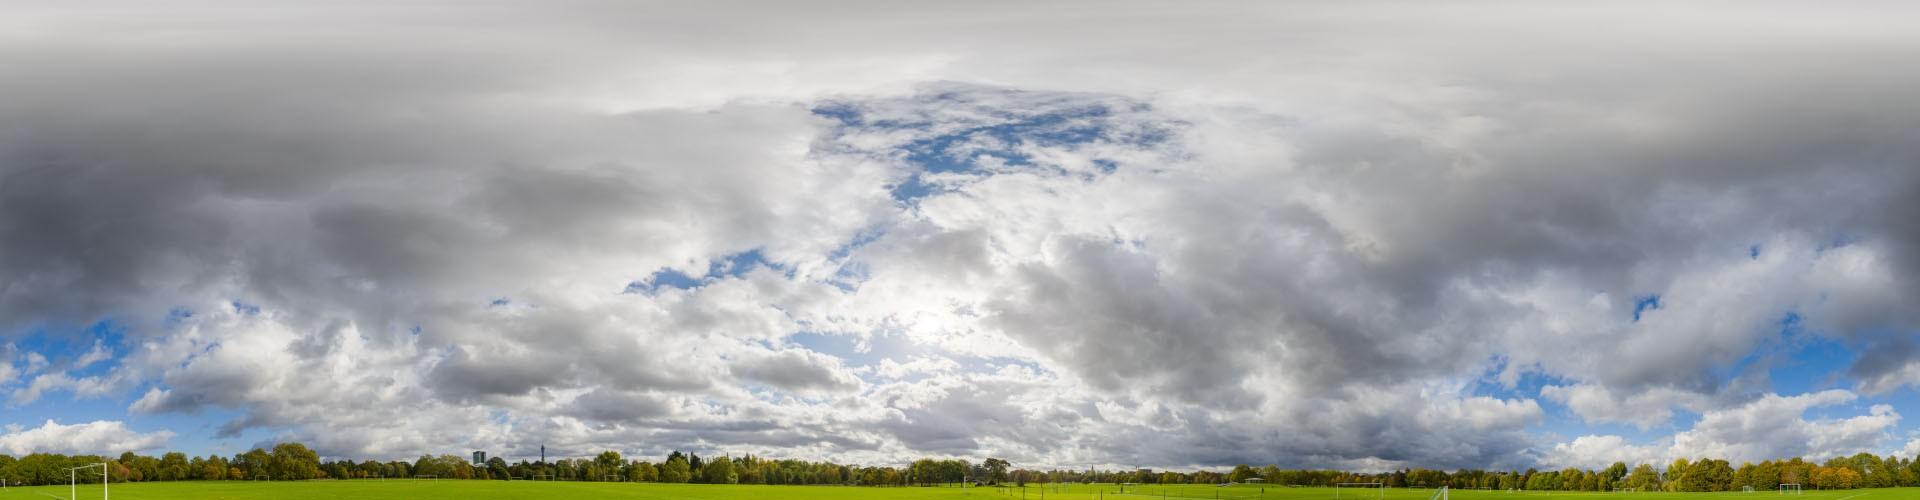 Stormy Clouds 5591 (30k) HDRI